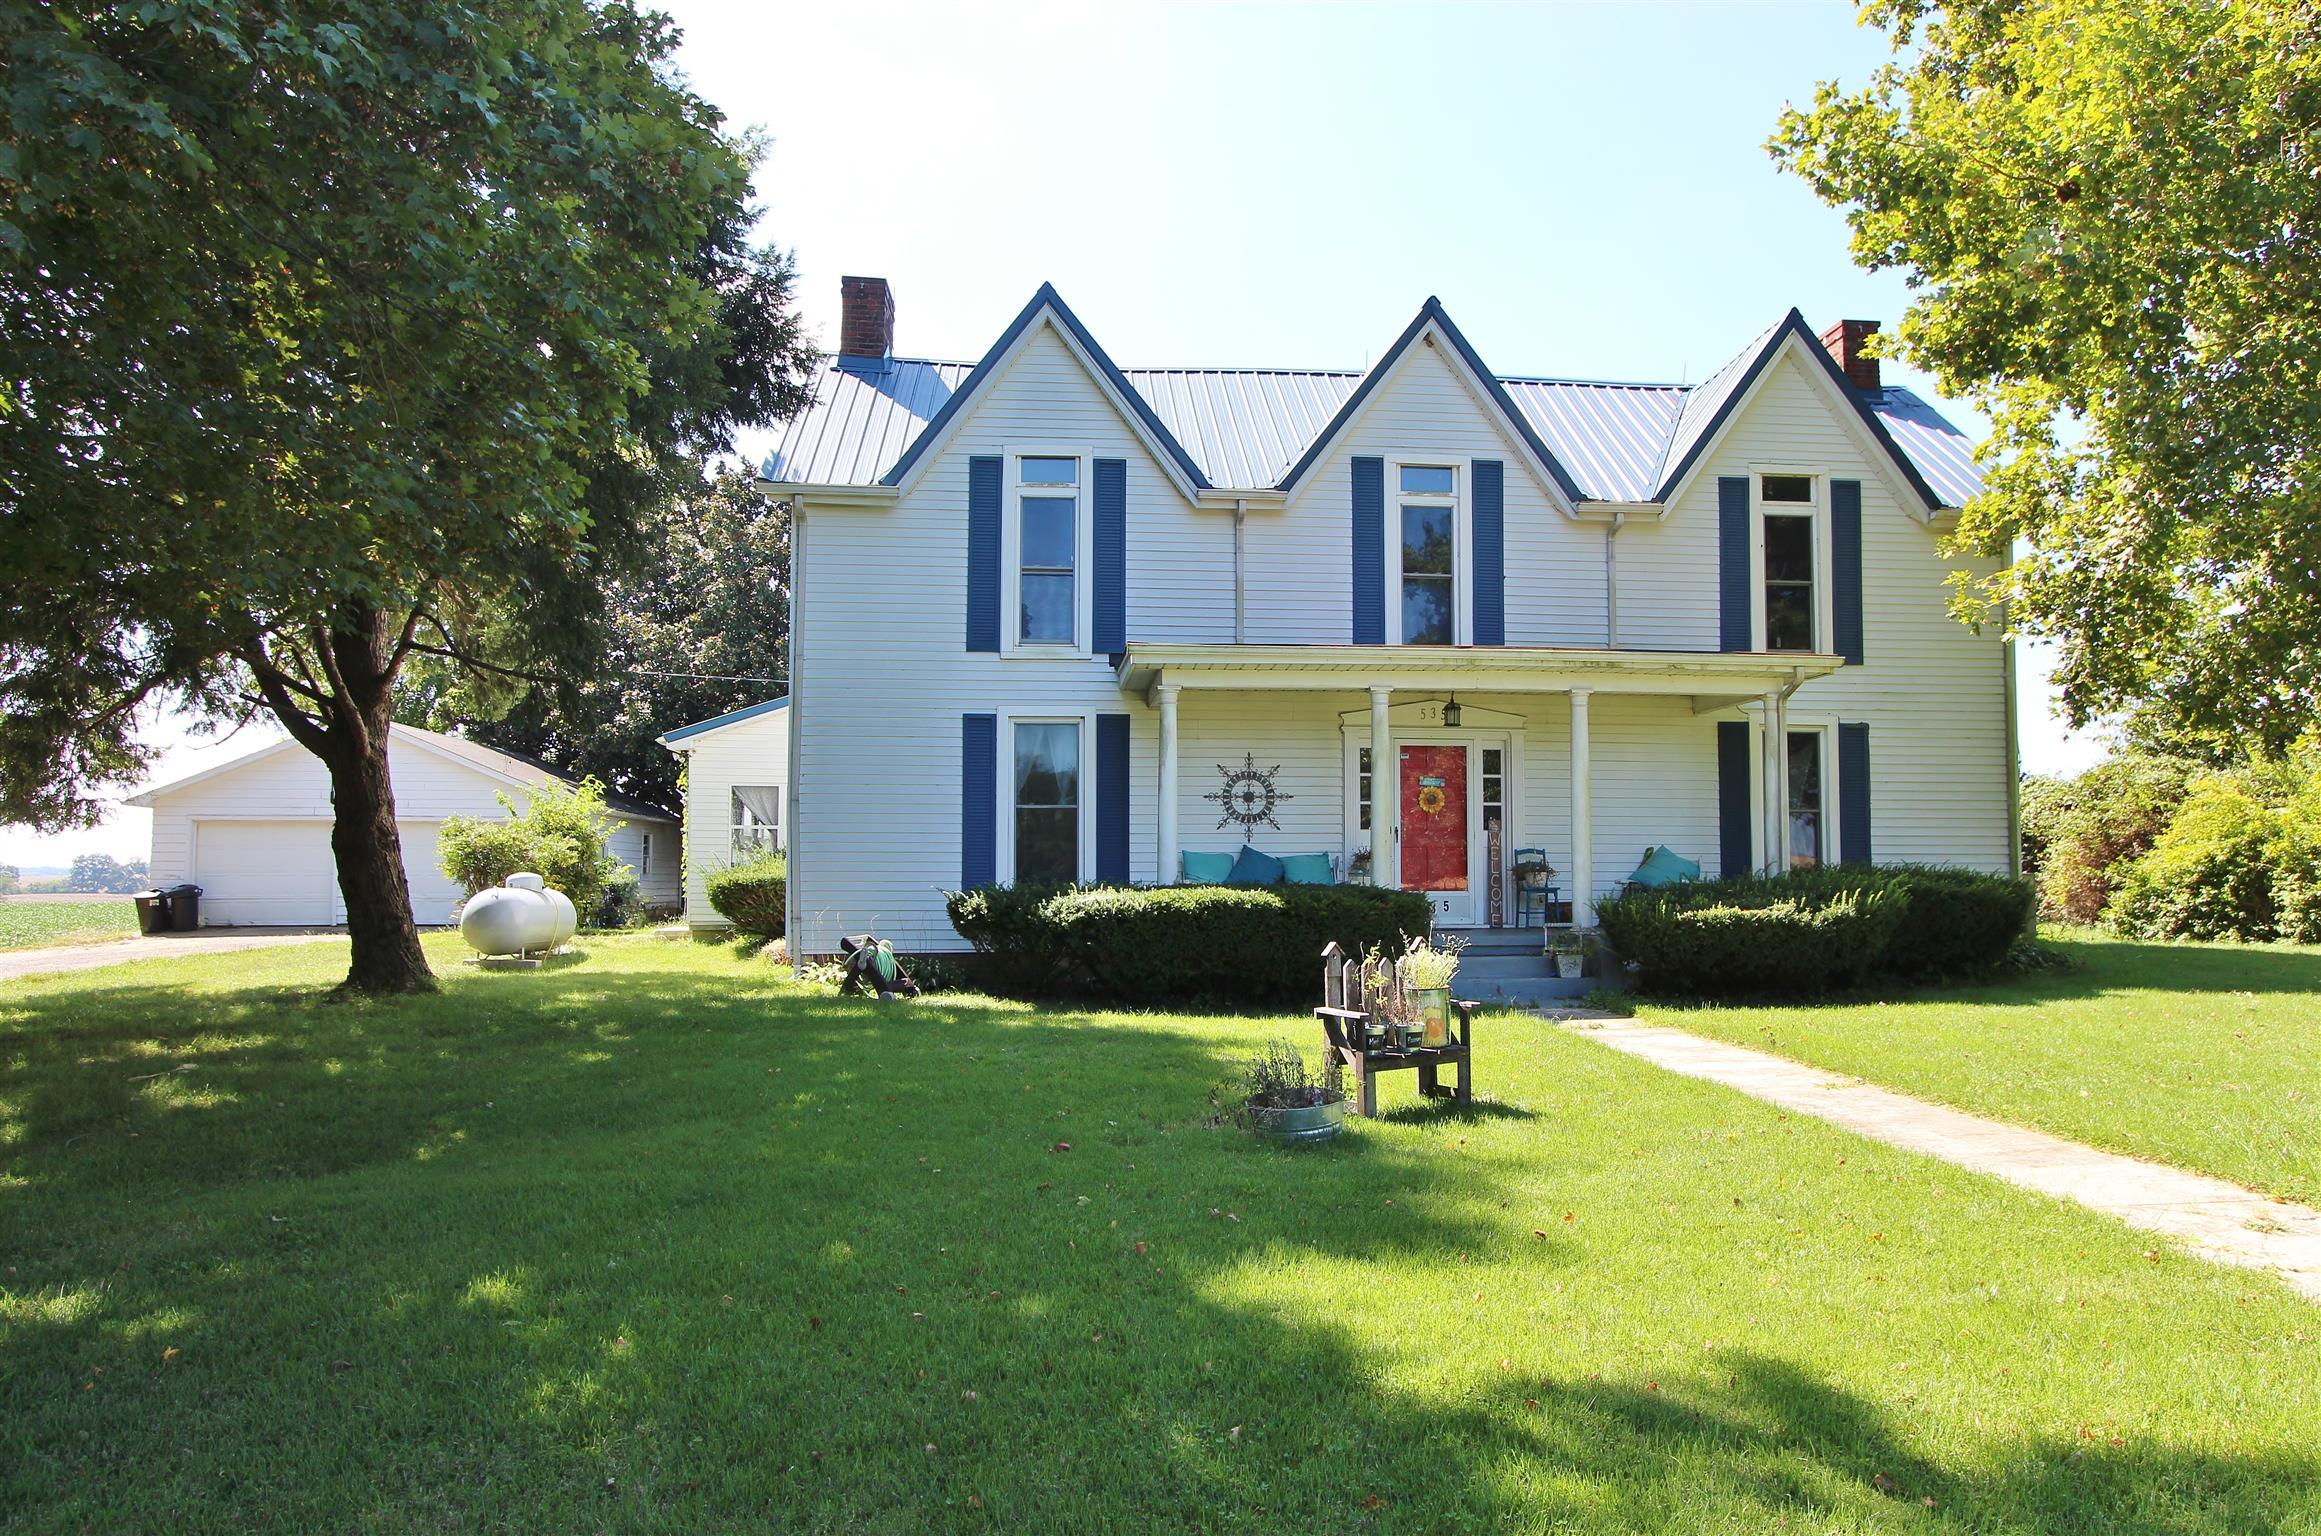 535 Keysburg Rd, Allensville, KY 42204 - Allensville, KY real estate listing